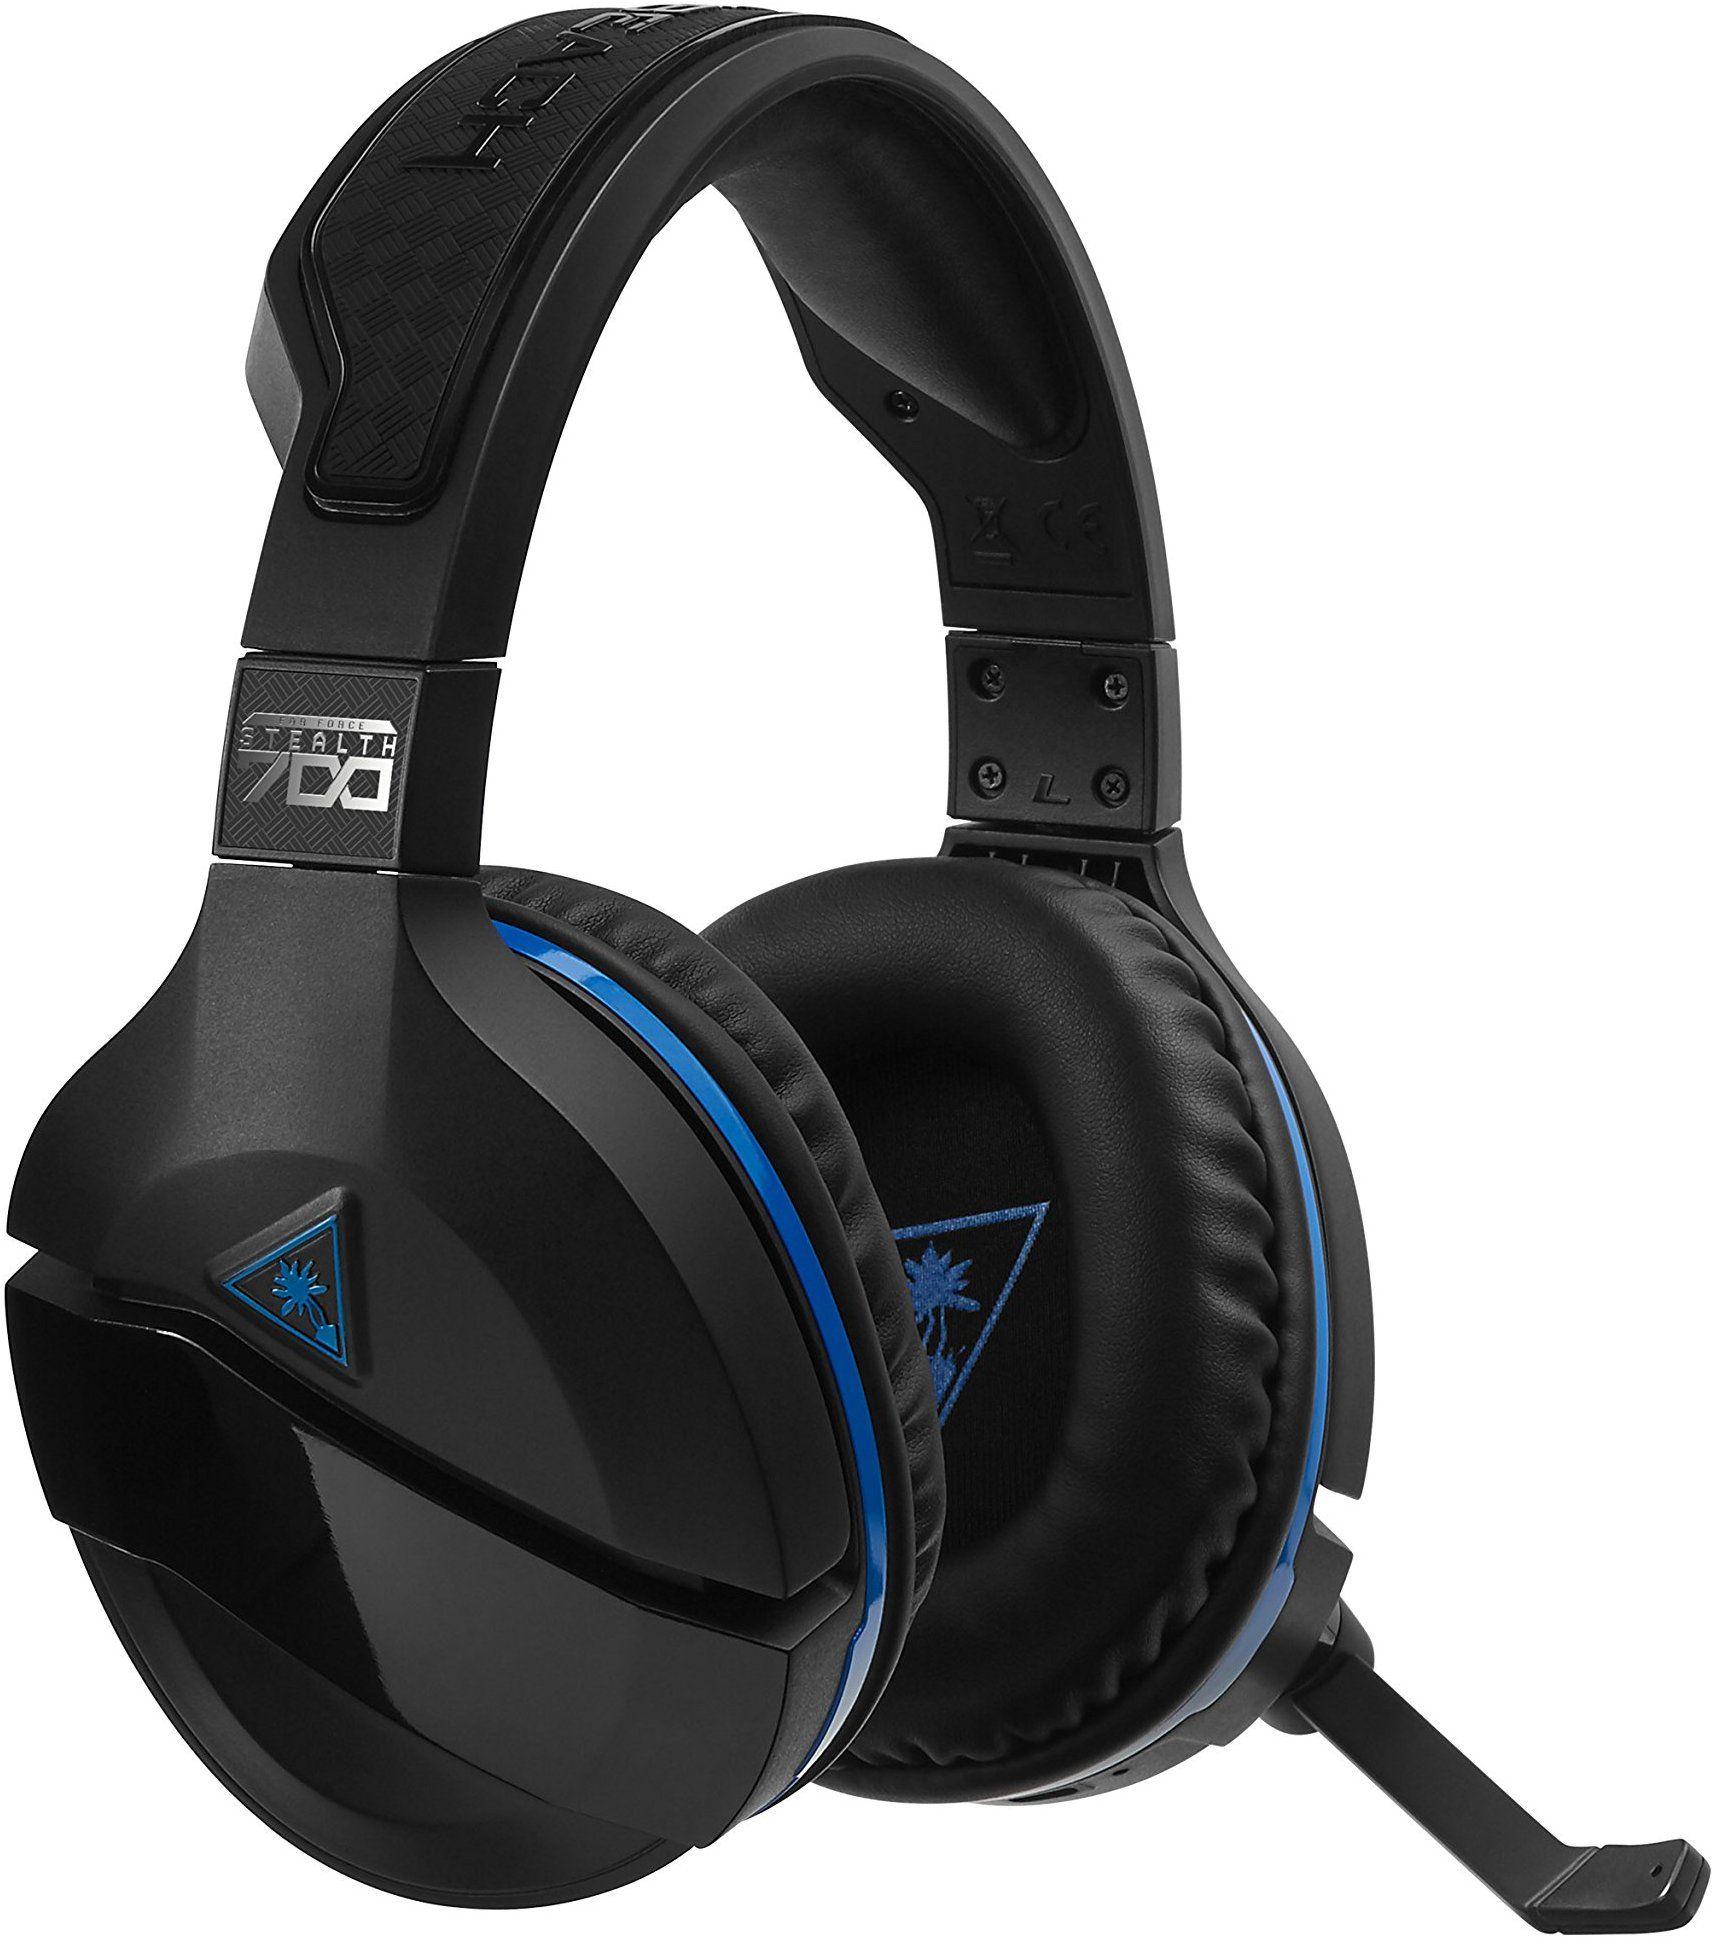 Amazon Com Turtle Beach Stealth 700 Premium Wireless Surround Sound Gaming Heads Best Gaming Headset Wireless Surround Sound Wireless Gaming Headset